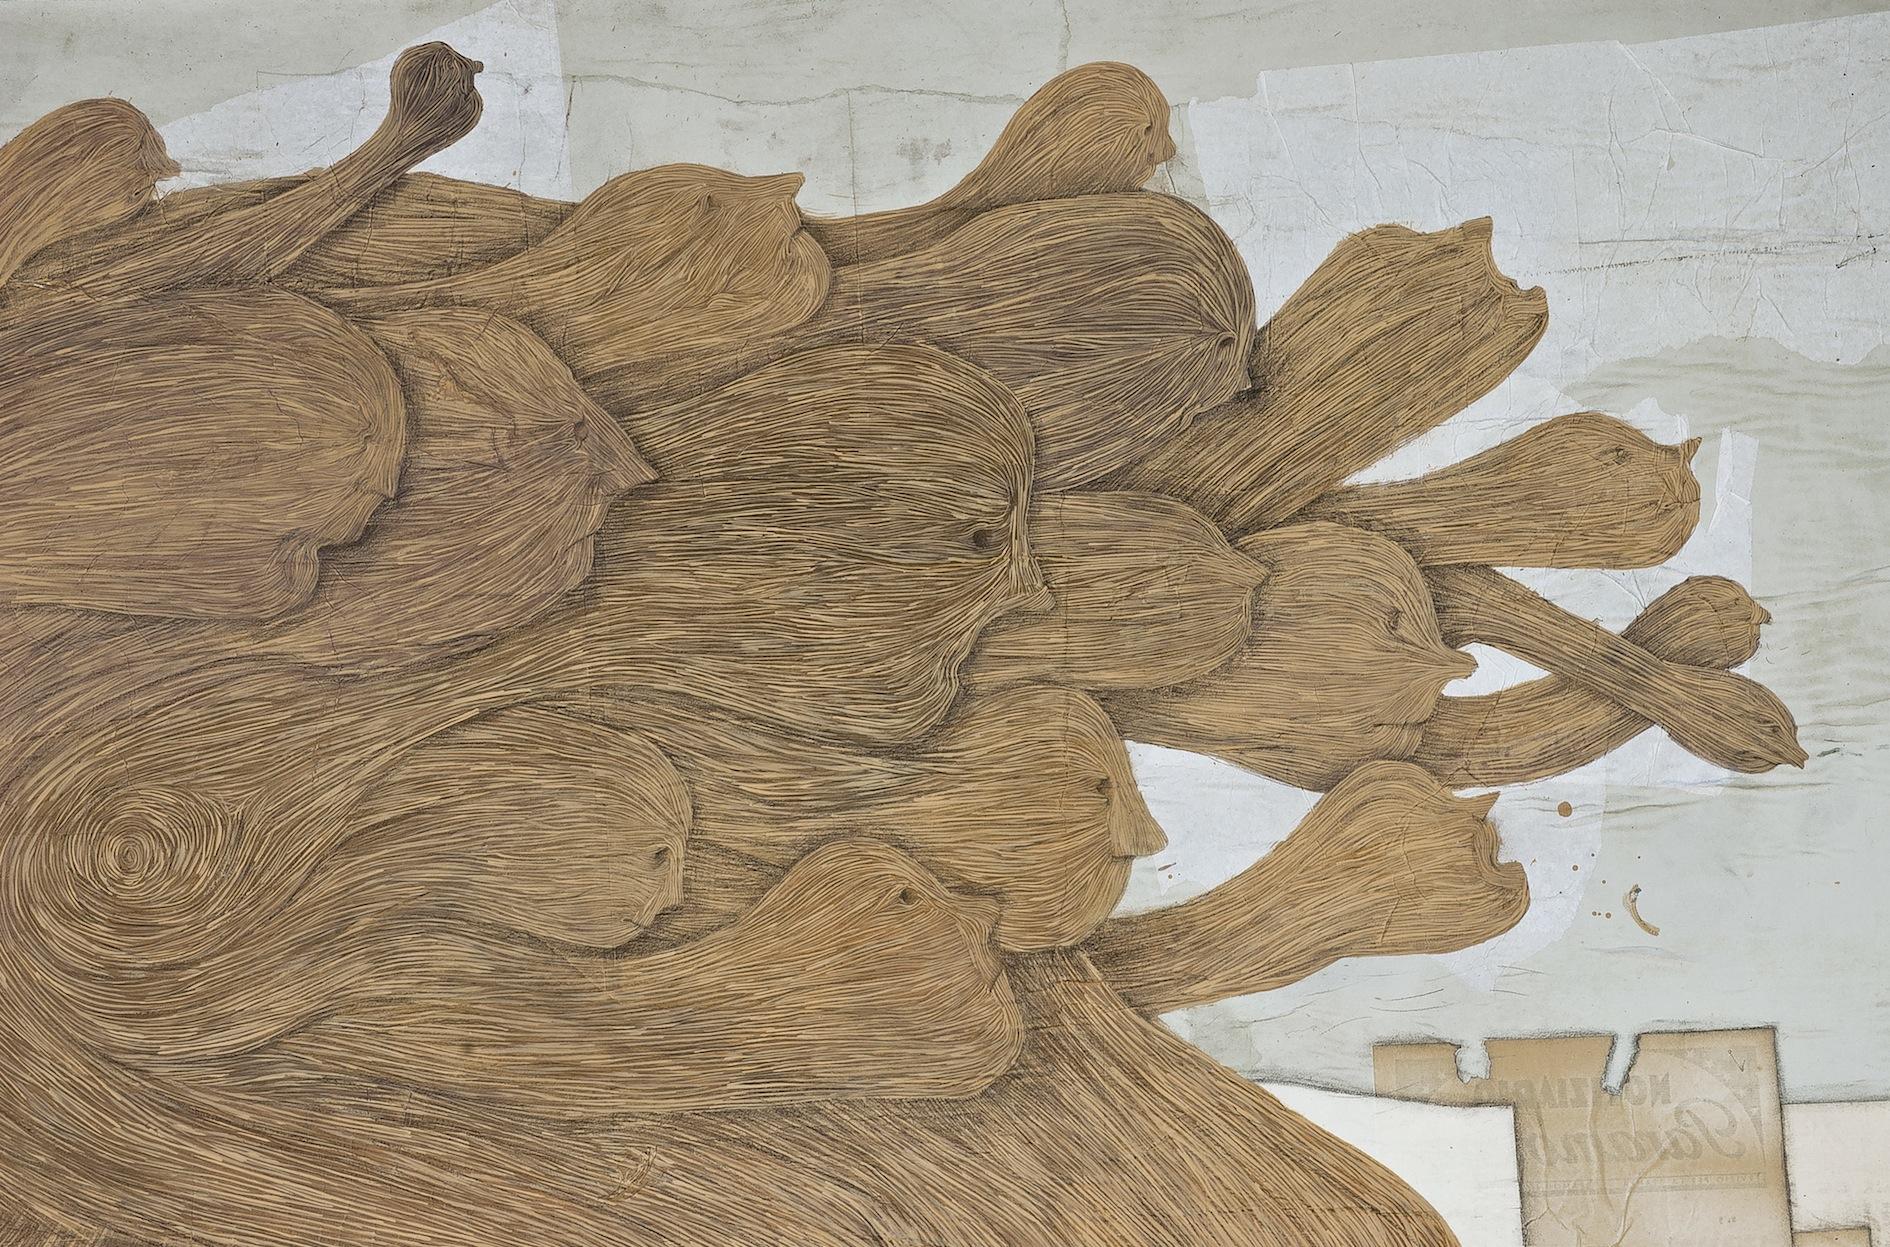 Denis Riva, Paleo, 2013, acrilico, pastello e carta su legno, cm 107x181 (particolare)